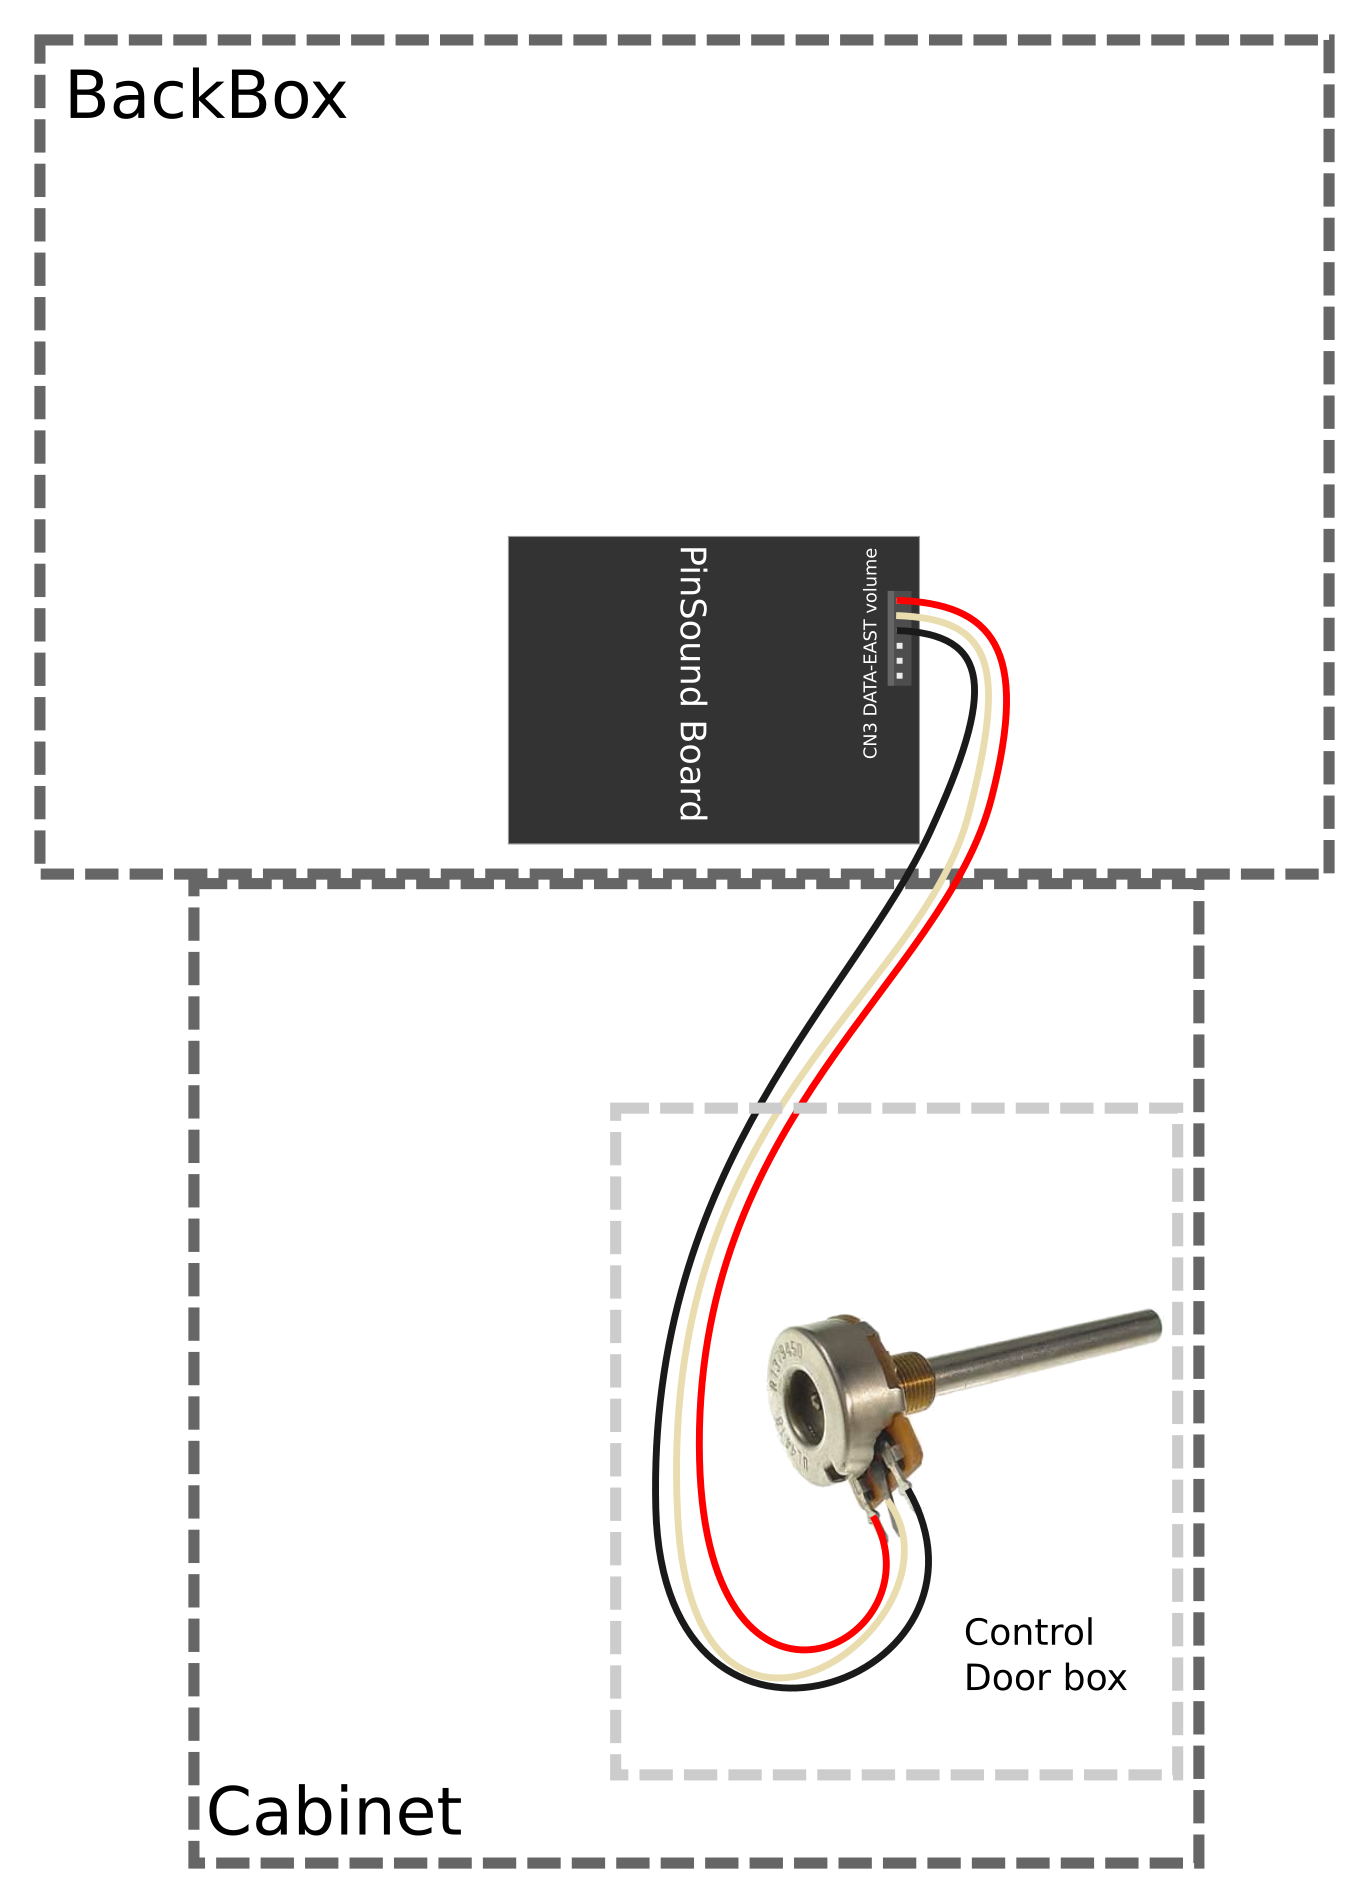 PinSound 1 Help – PinSound